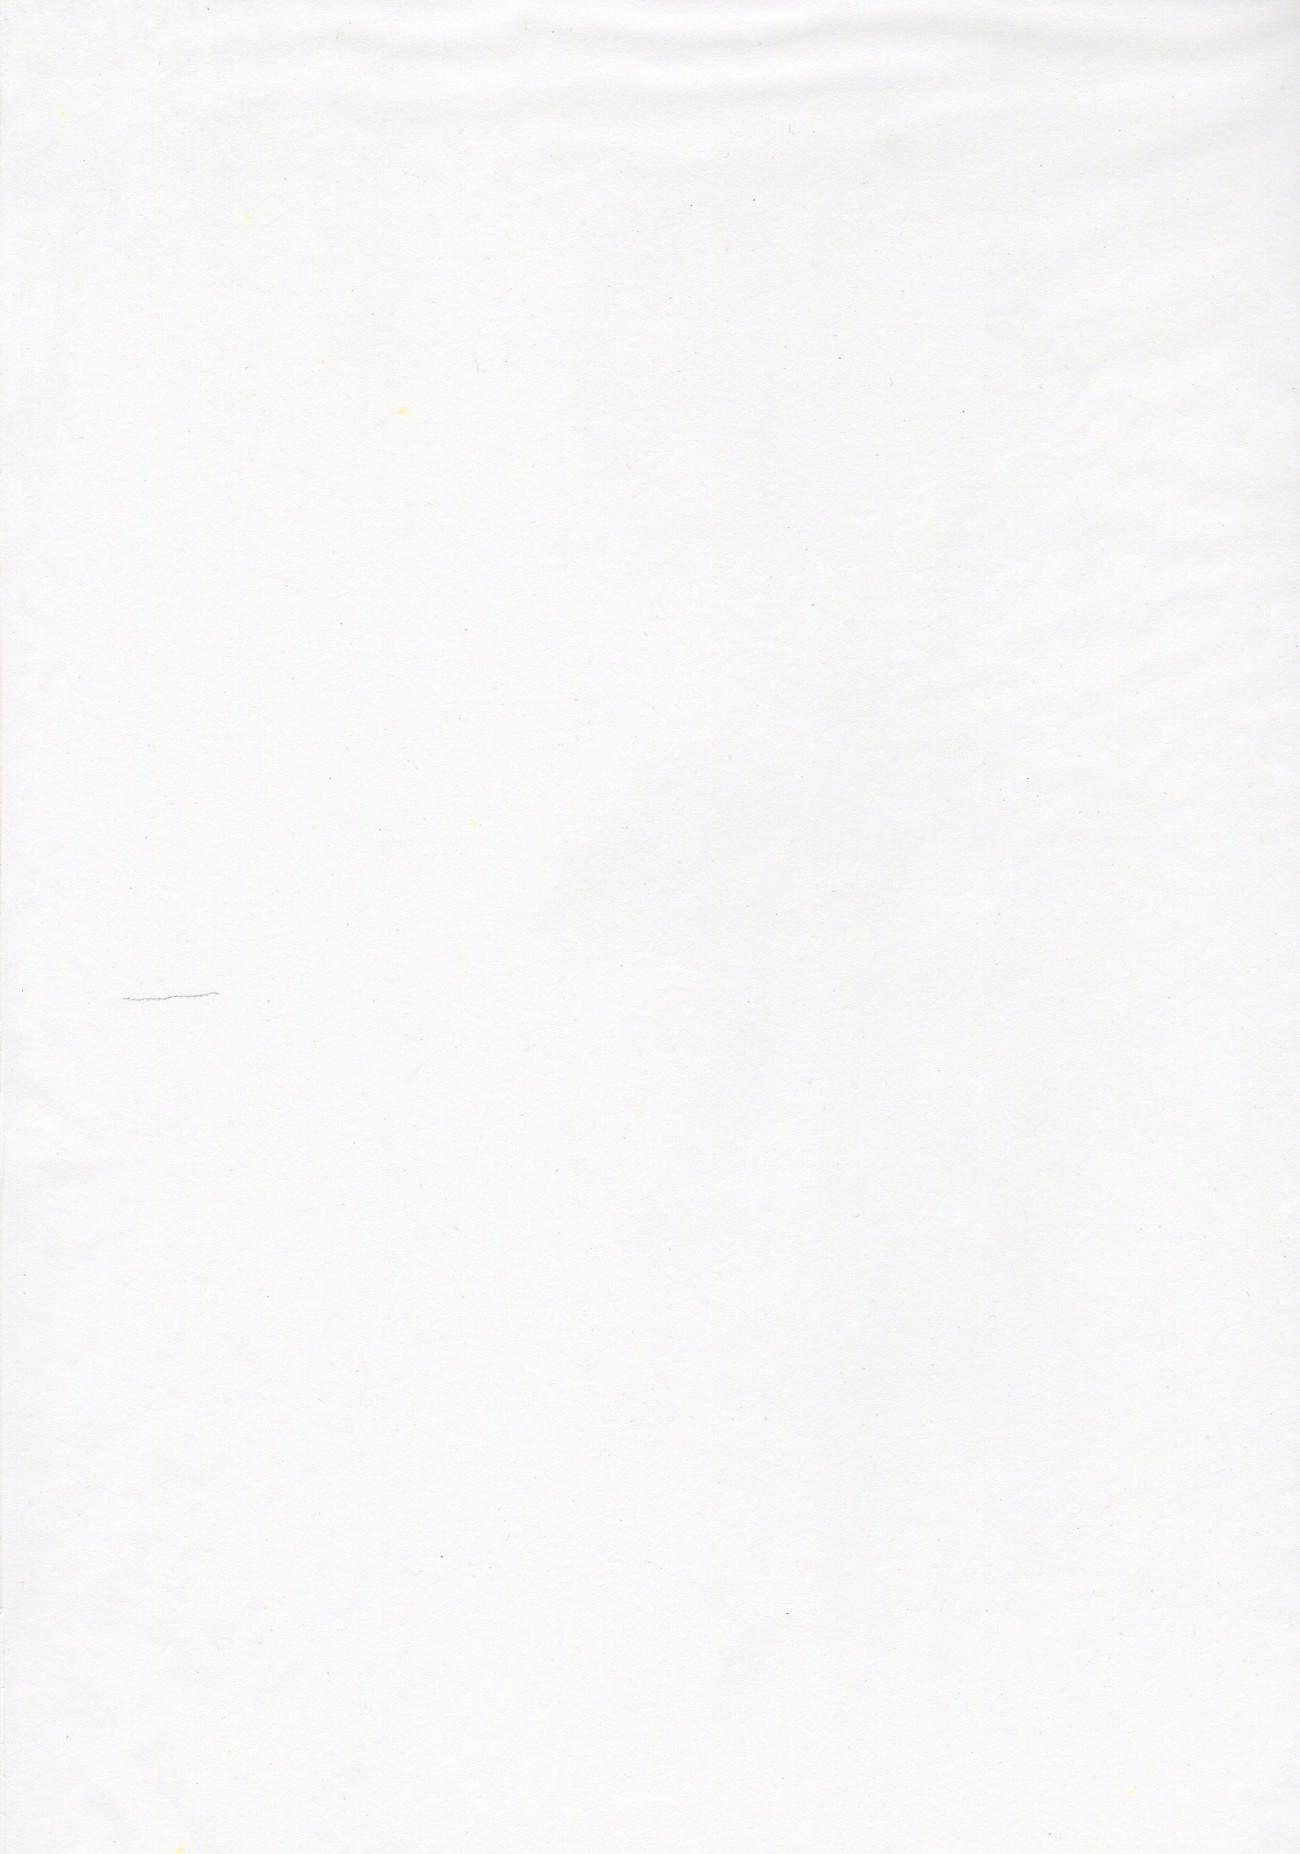 """Steve Giasson. Performance invisible n° 54 (Commissarier quelques passages d'un livre (emprunté dans une bibliothèque), en les soulignant délicatement au plomb). Performeur : Loucas Braconnier. """"Résidude la performance (lorem ipsum)"""", crayon plomb sur papier calque, 11 x 14 po. Crédit photographique : Loucas Braconnier. 26 mars 2018."""